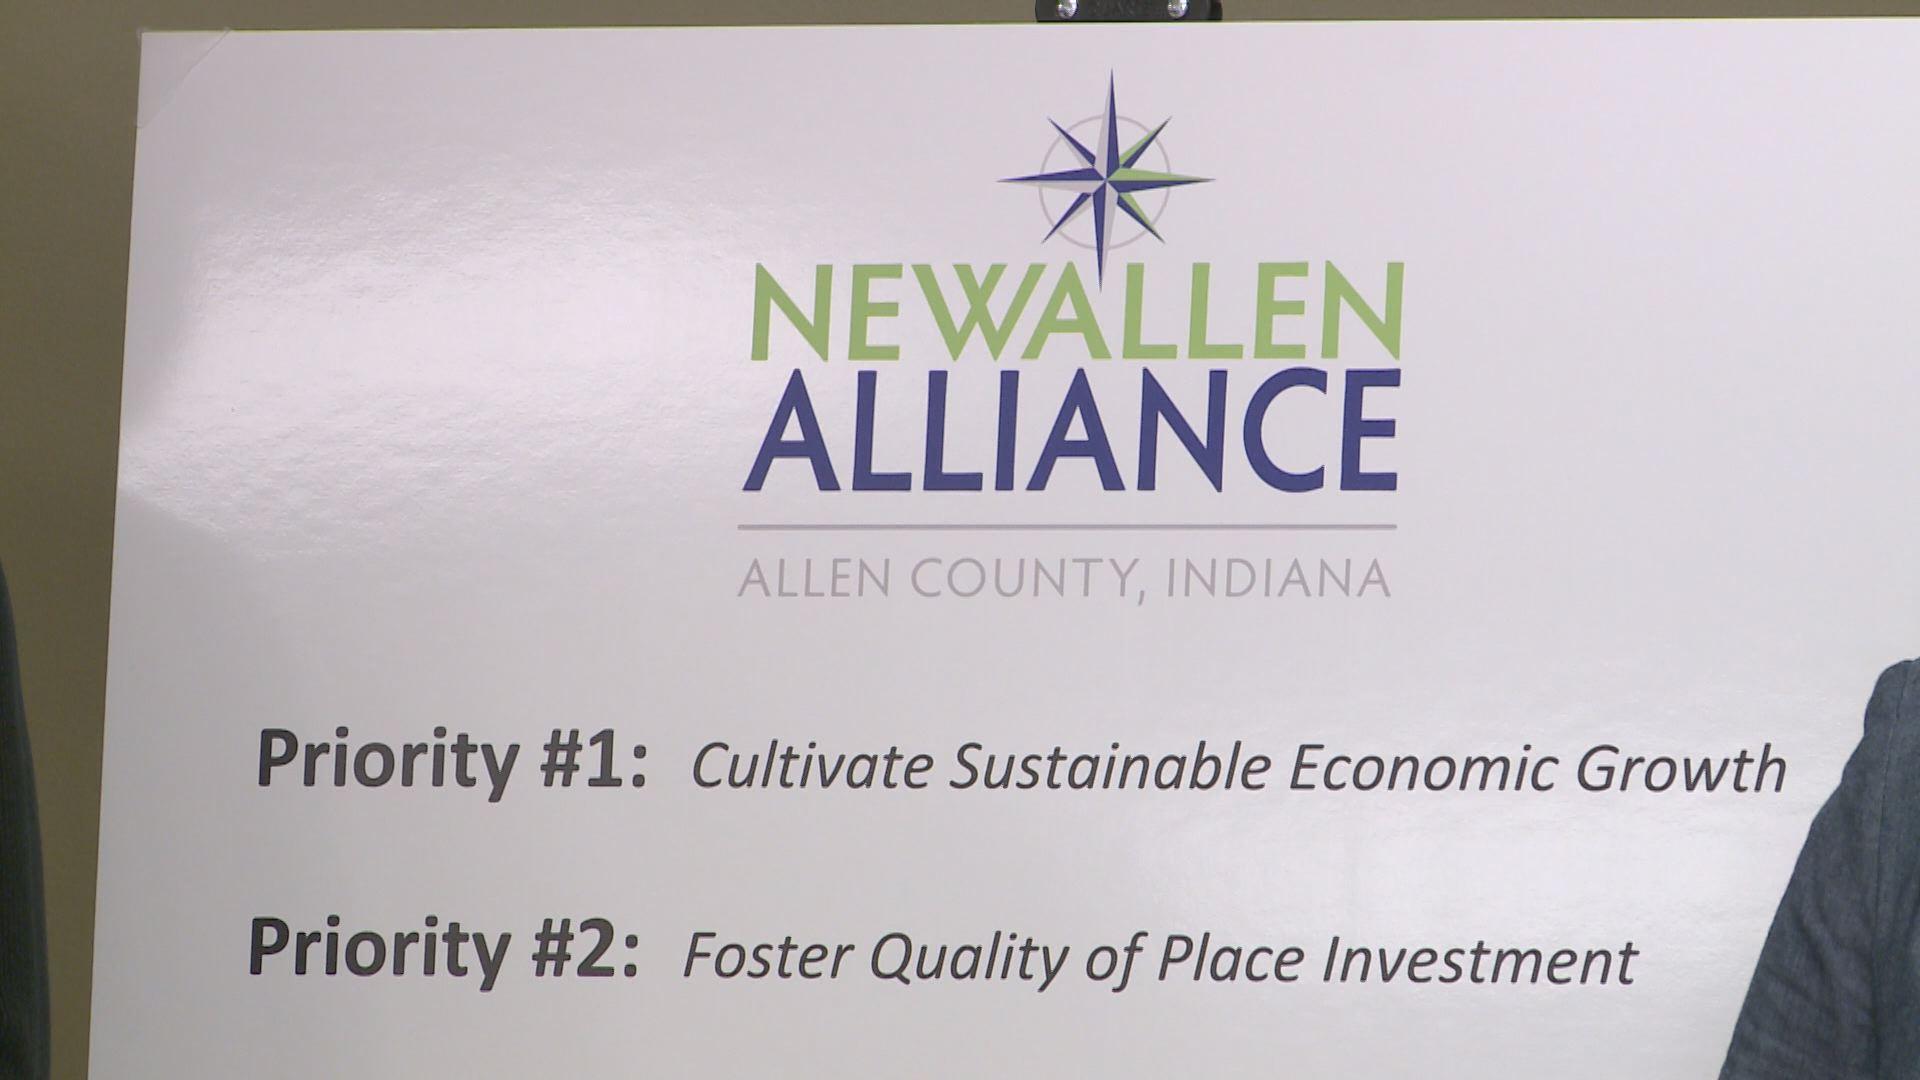 New Allen Alliance